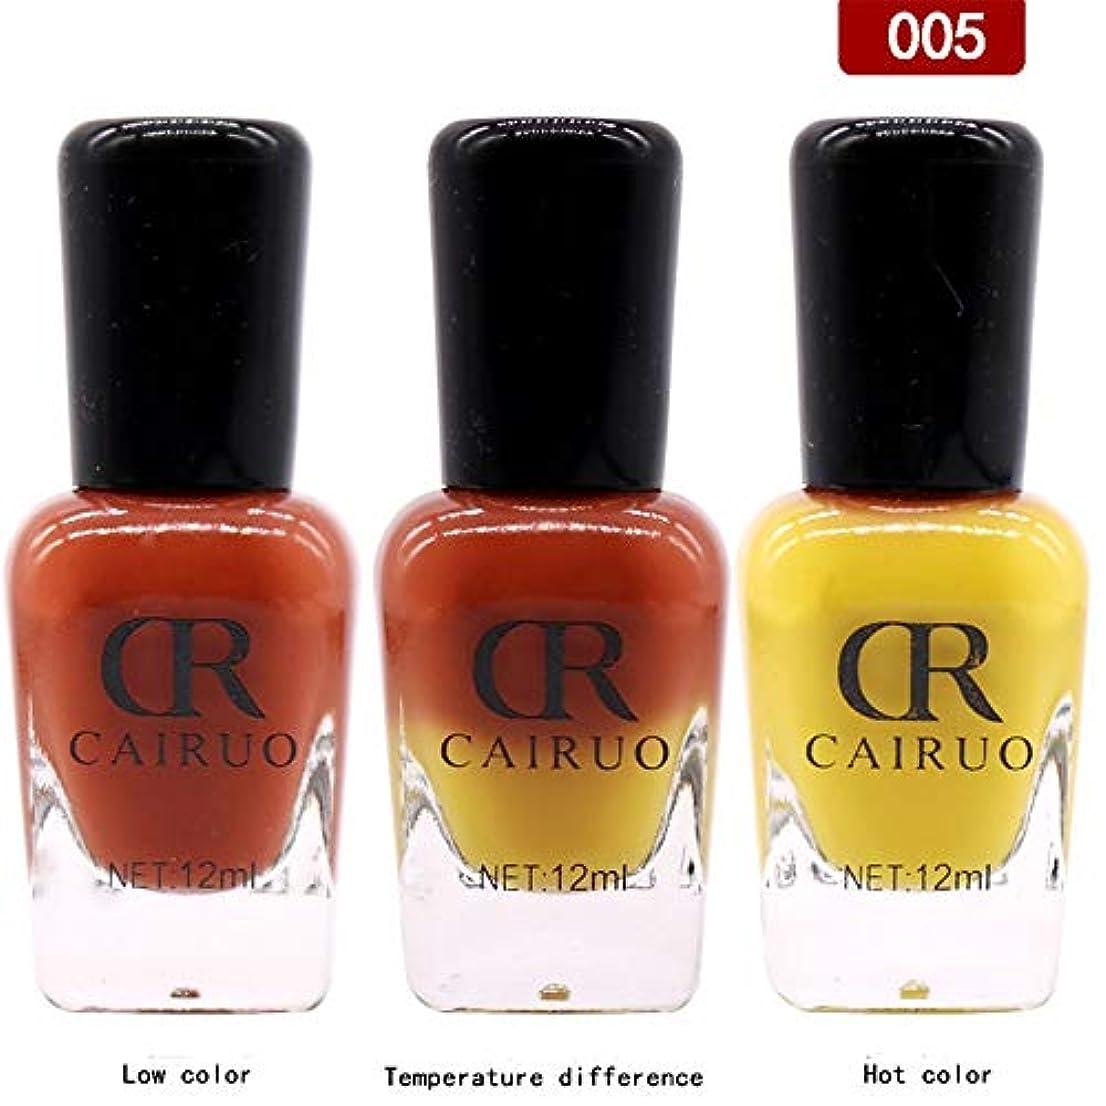 アルコーブ憎しみレンディションカラージェル 温度により色が変化 カメレオンジェルネイル 剥離可能 ネイルアート 12ml/本 (005)